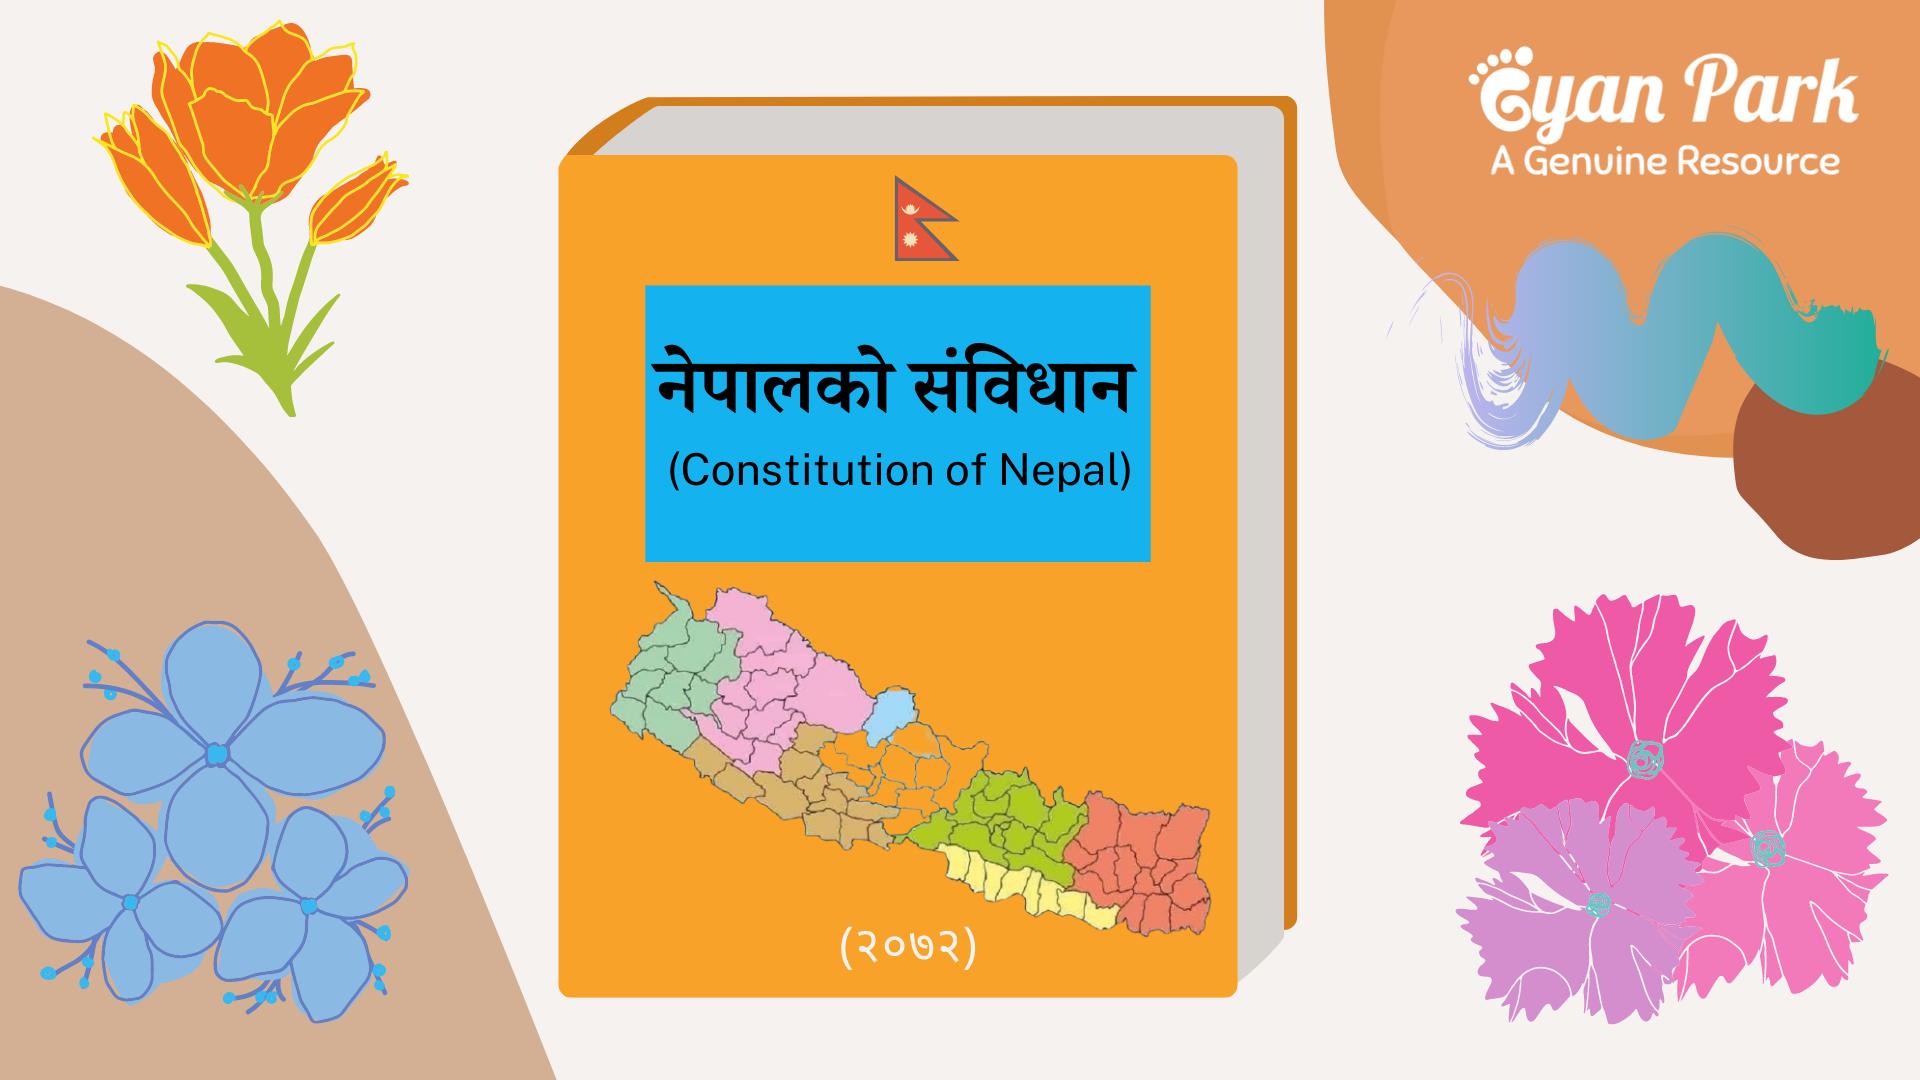 नेपालको संविधान २०७२, नयाँ नेपालको संविधान, The Constitution of New Nepal, Federal Nepal Constitution, Nepal ko Sambidhan 2072, The Constitution of Nepal 2072